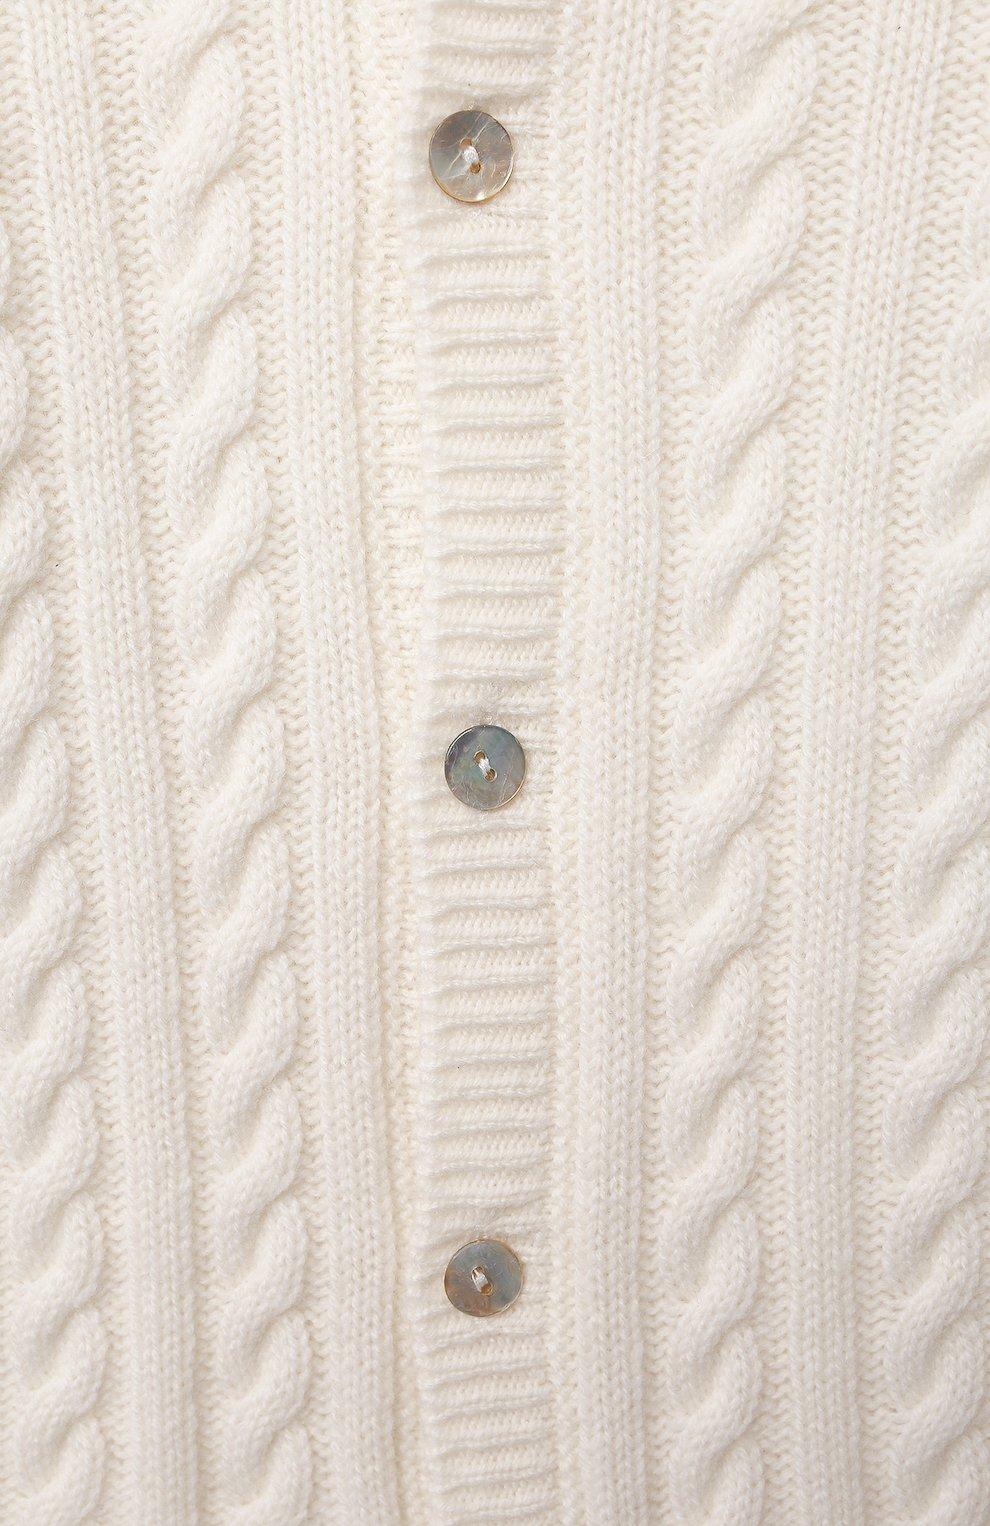 Детский кашемировый комбинезон с капюшоном LA PERLA бежевого цвета, арт. 59975/1M-12M   Фото 3